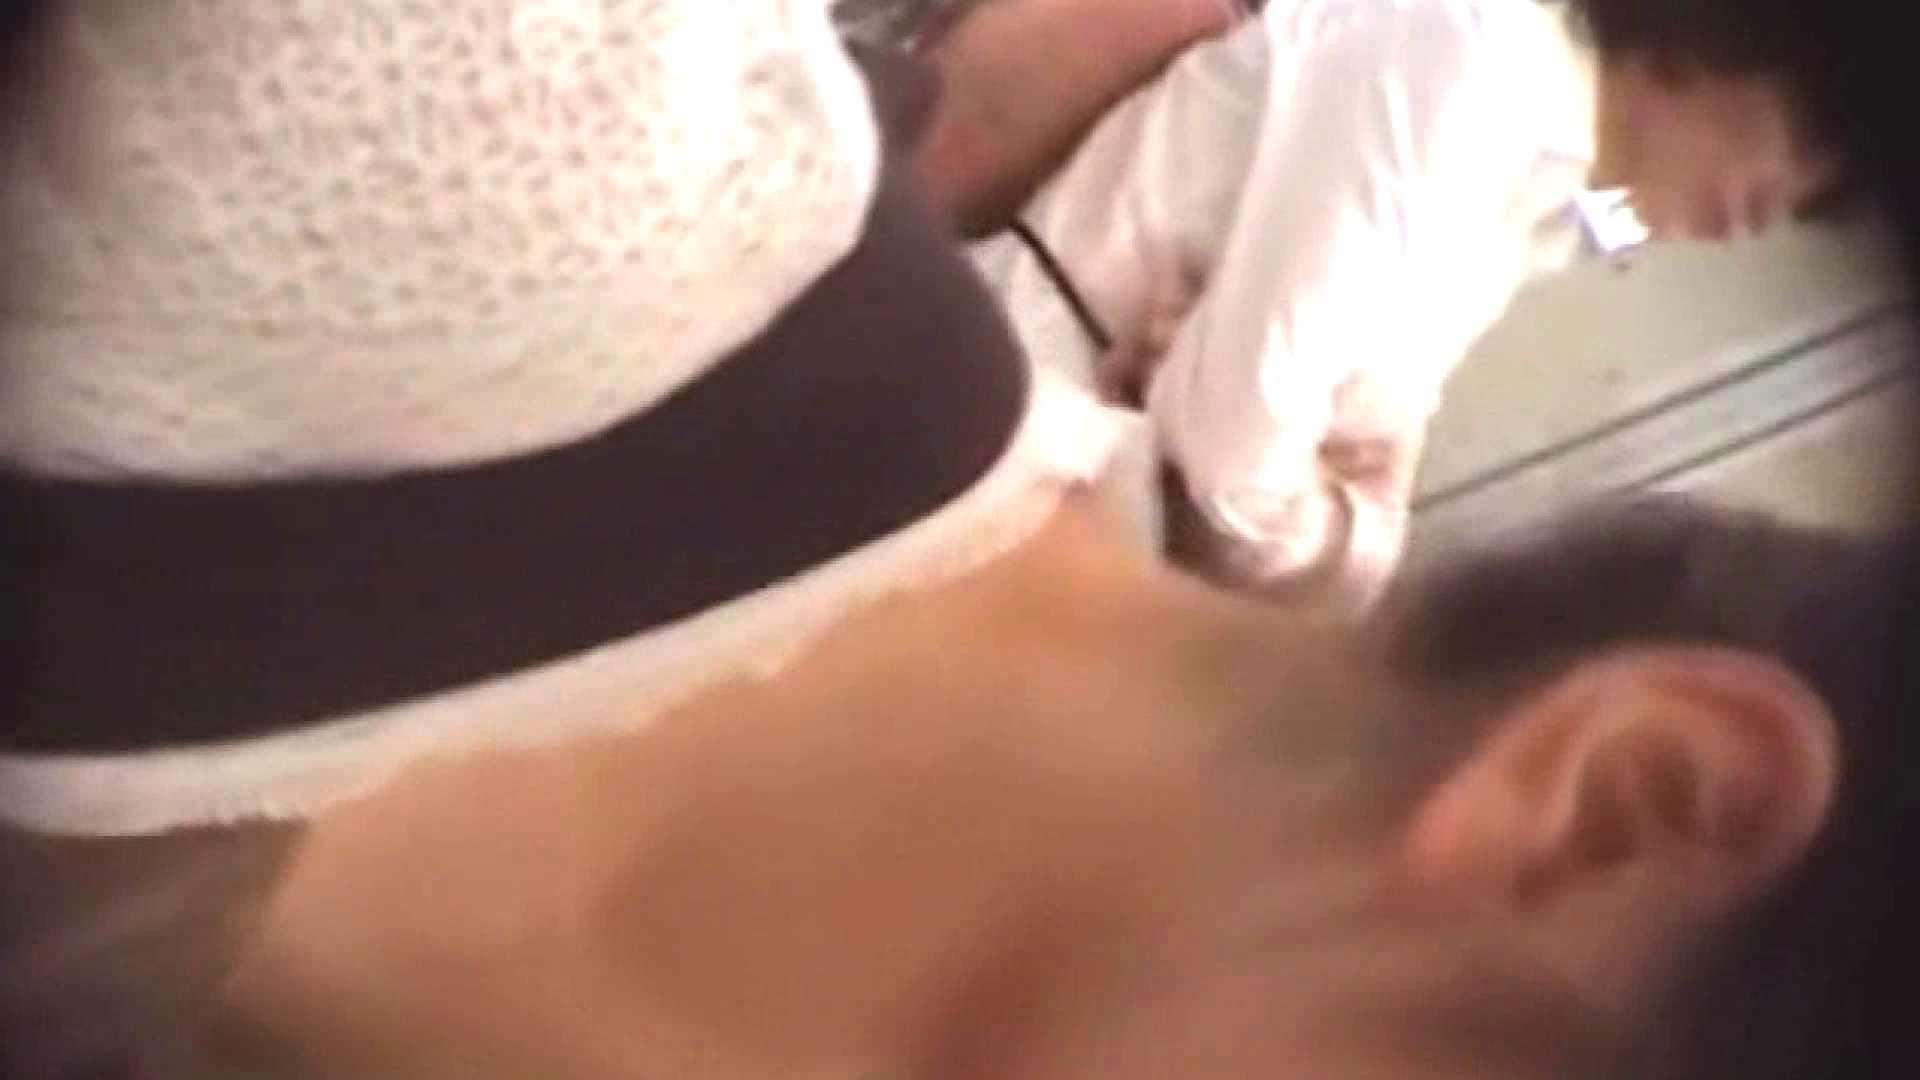 真剣に買い物中のgal達を上から下から狙います。vol.03 チラ系 ワレメ動画紹介 110pic 93